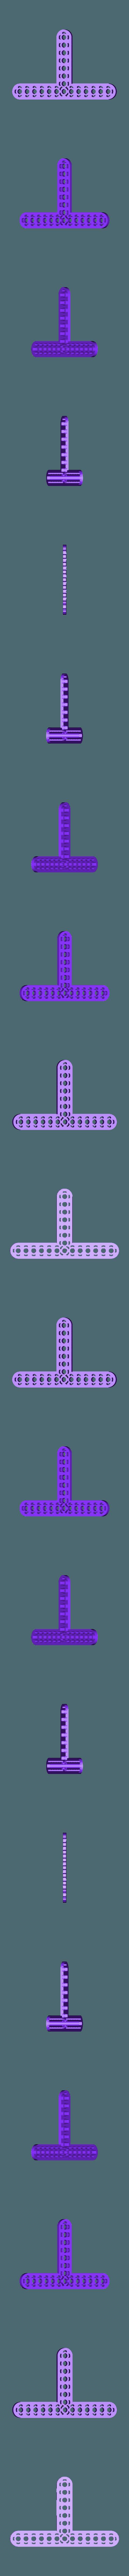 T_13_8.STL Télécharger fichier STL gratuit MEGA Expansion 200+ Pièces • Plan à imprimer en 3D, Pwentey